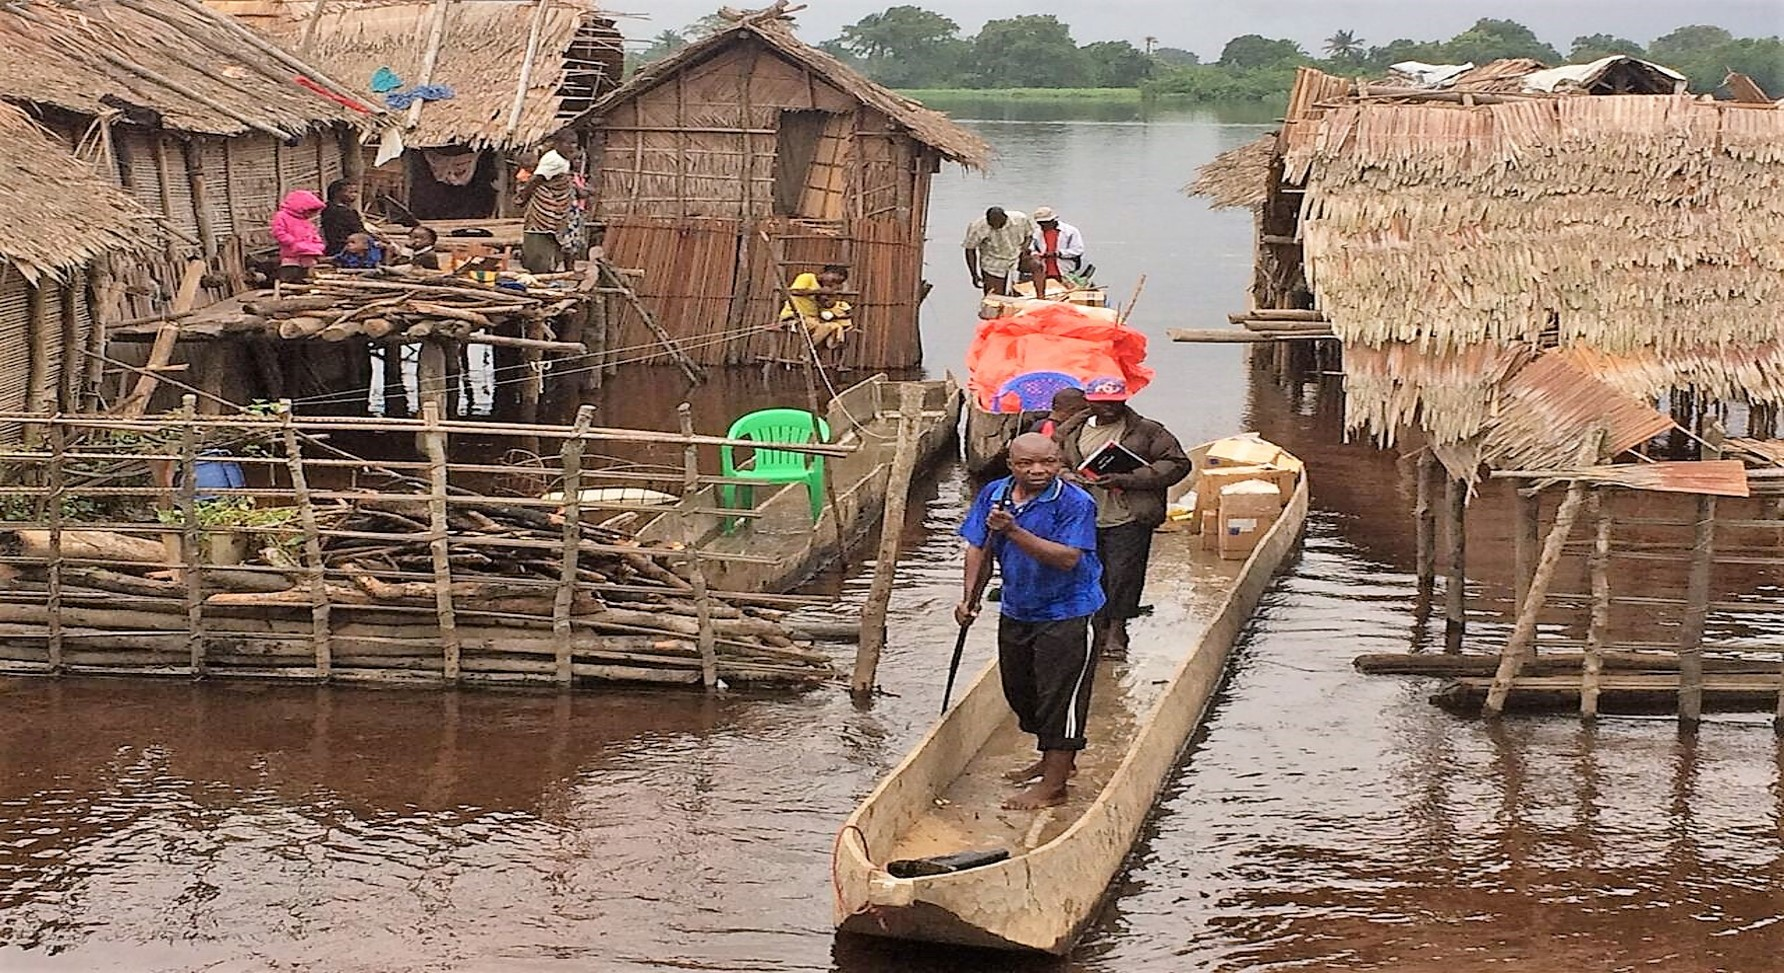 Equateur Province DRC